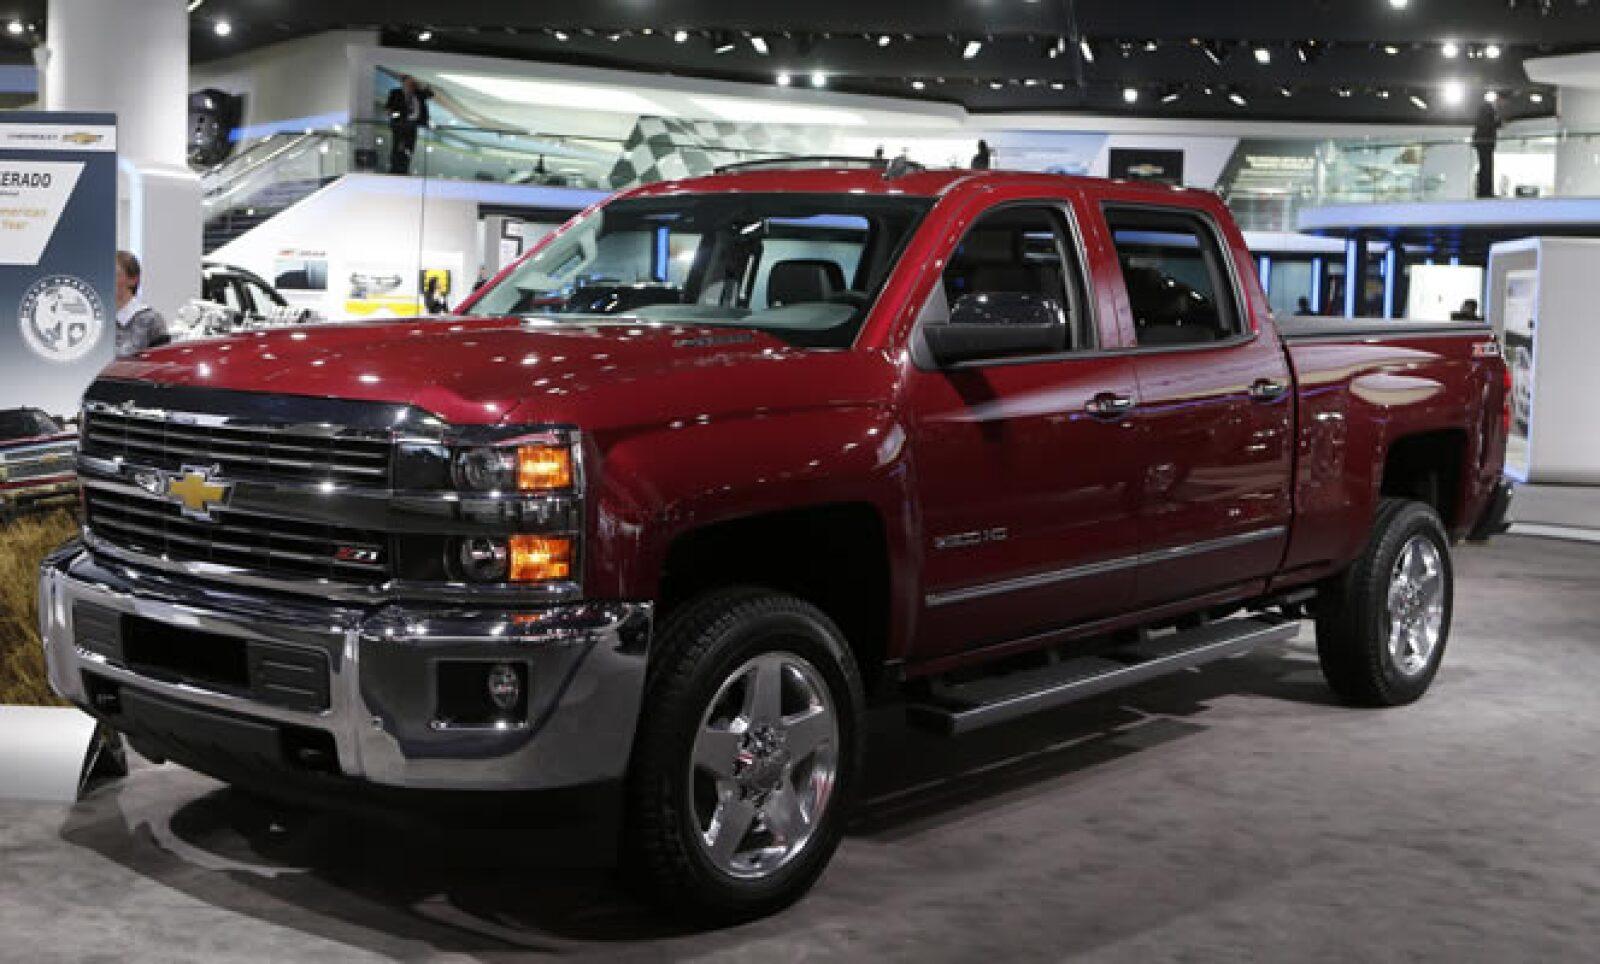 La pickup de General Motors ganó el galardón como Camioneta del Año, superando a la Acura MDX y la Jeep Cherokee.